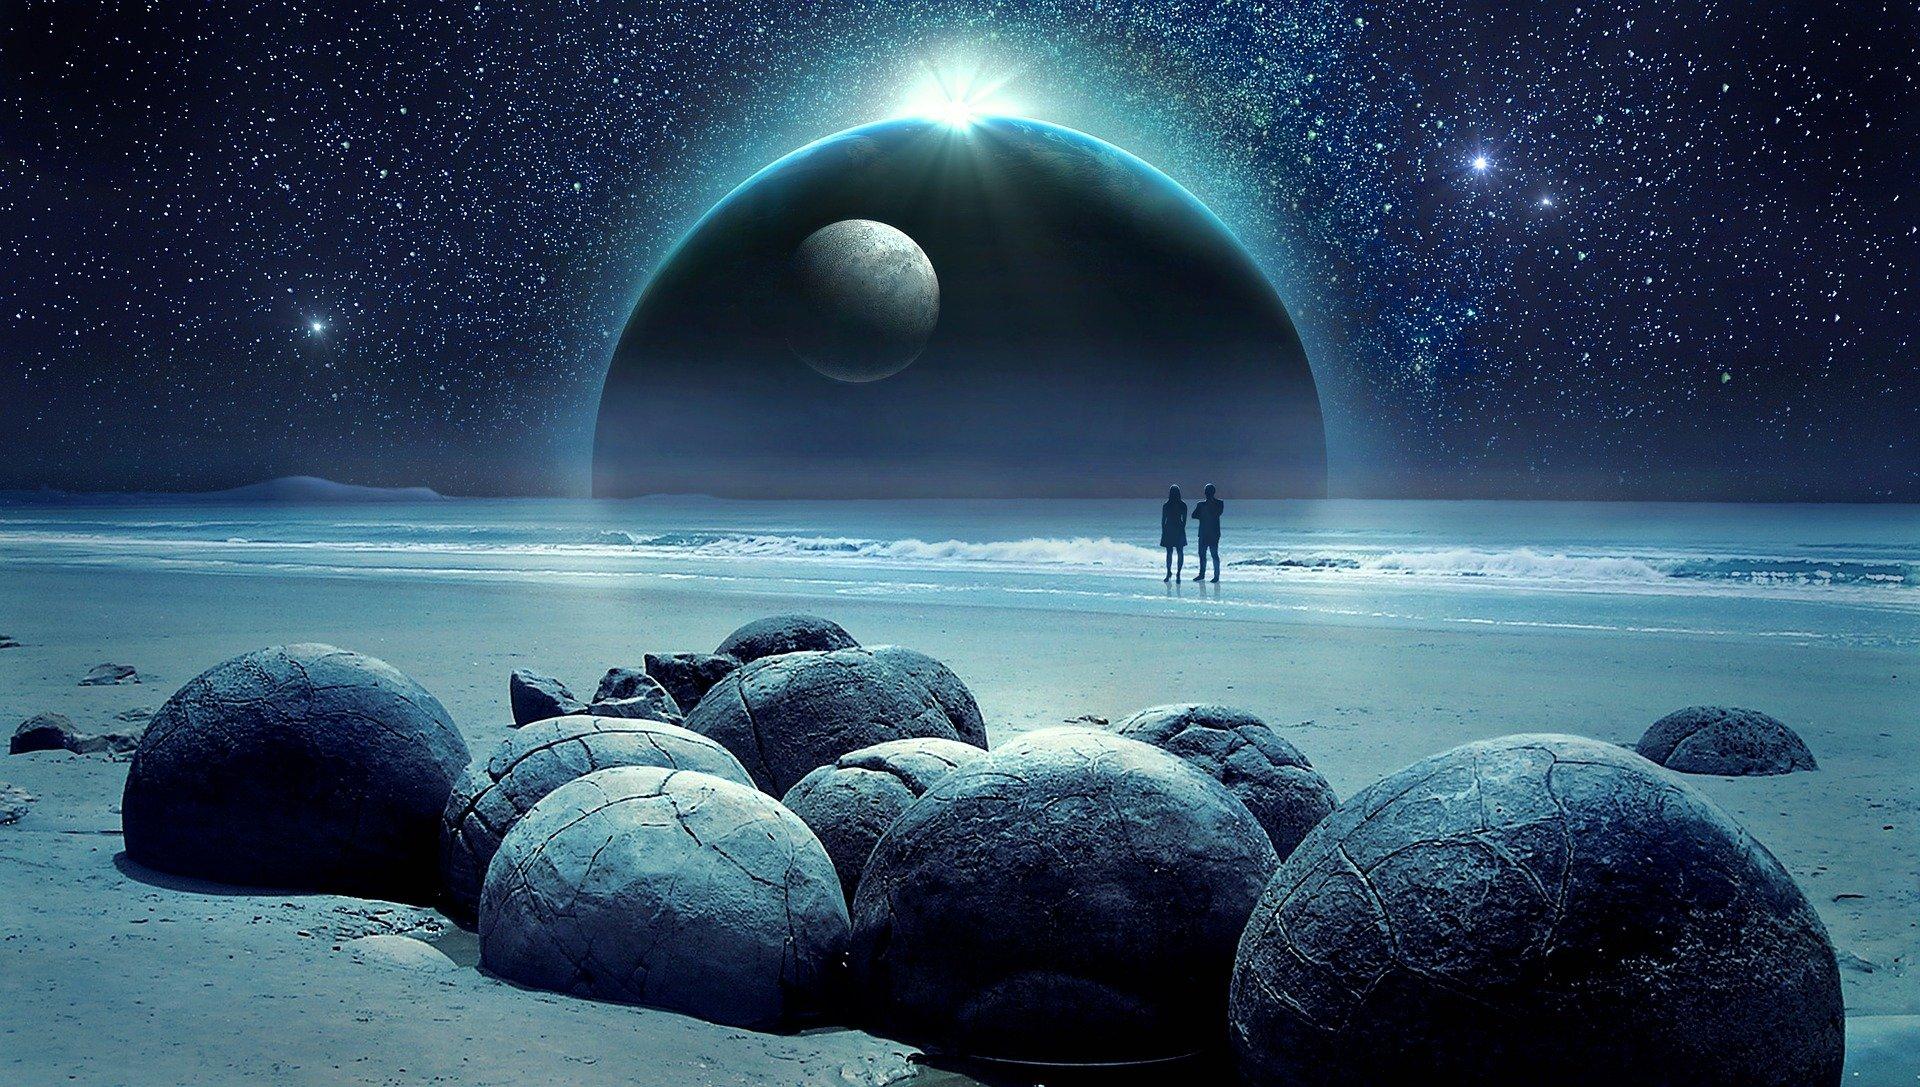 В далеких областях Млечного Пути найдены холодные планеты